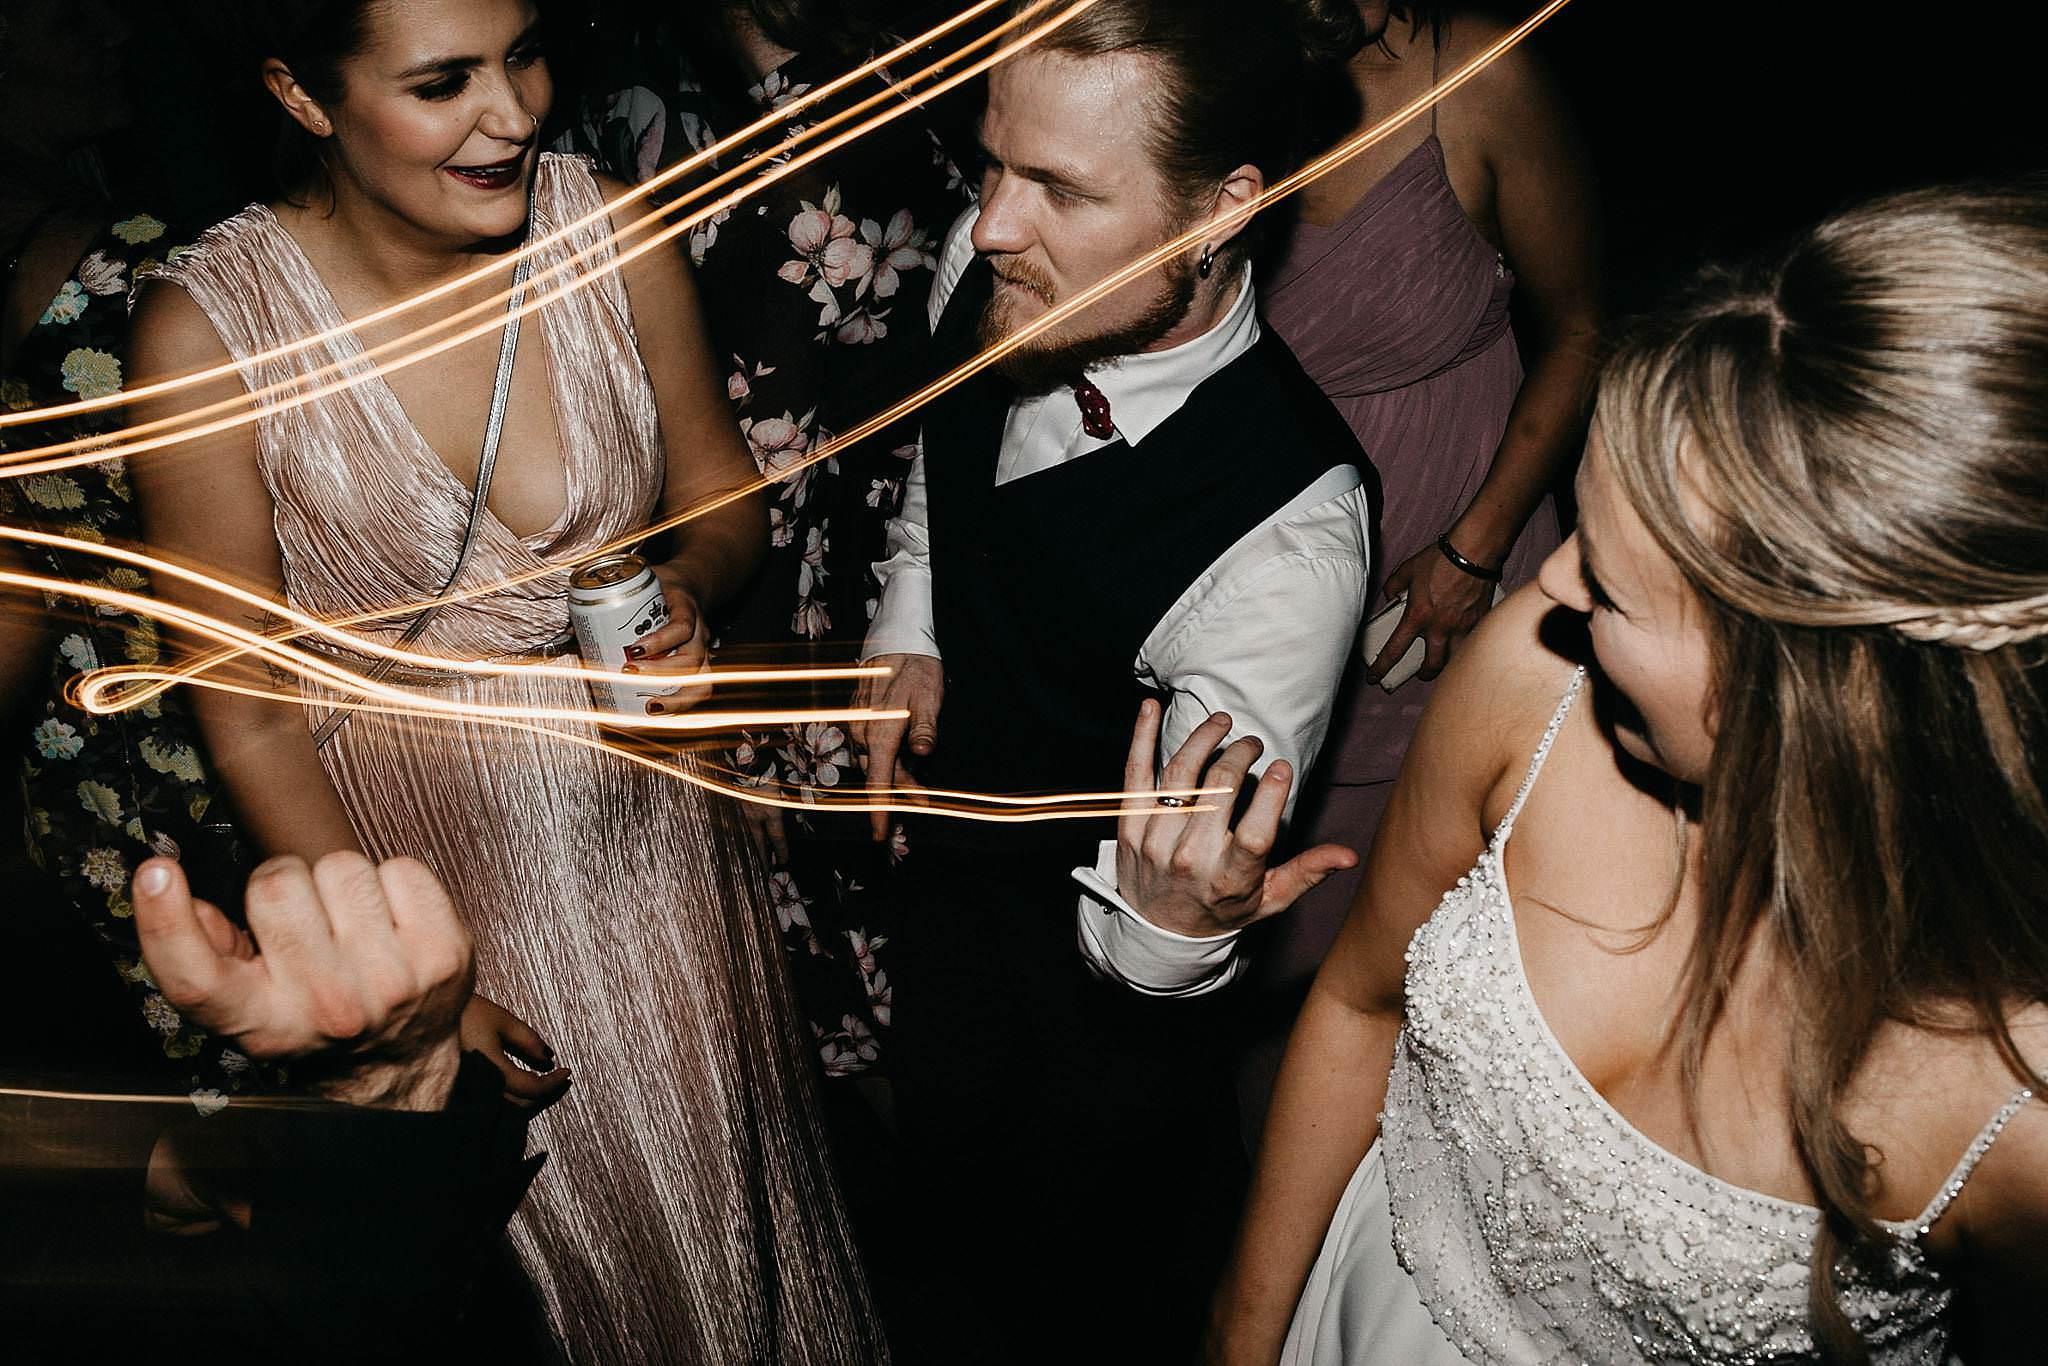 Haakuvaus_wedding_jyvaskyla_muurame_tuomiston_tila_0199.jpg